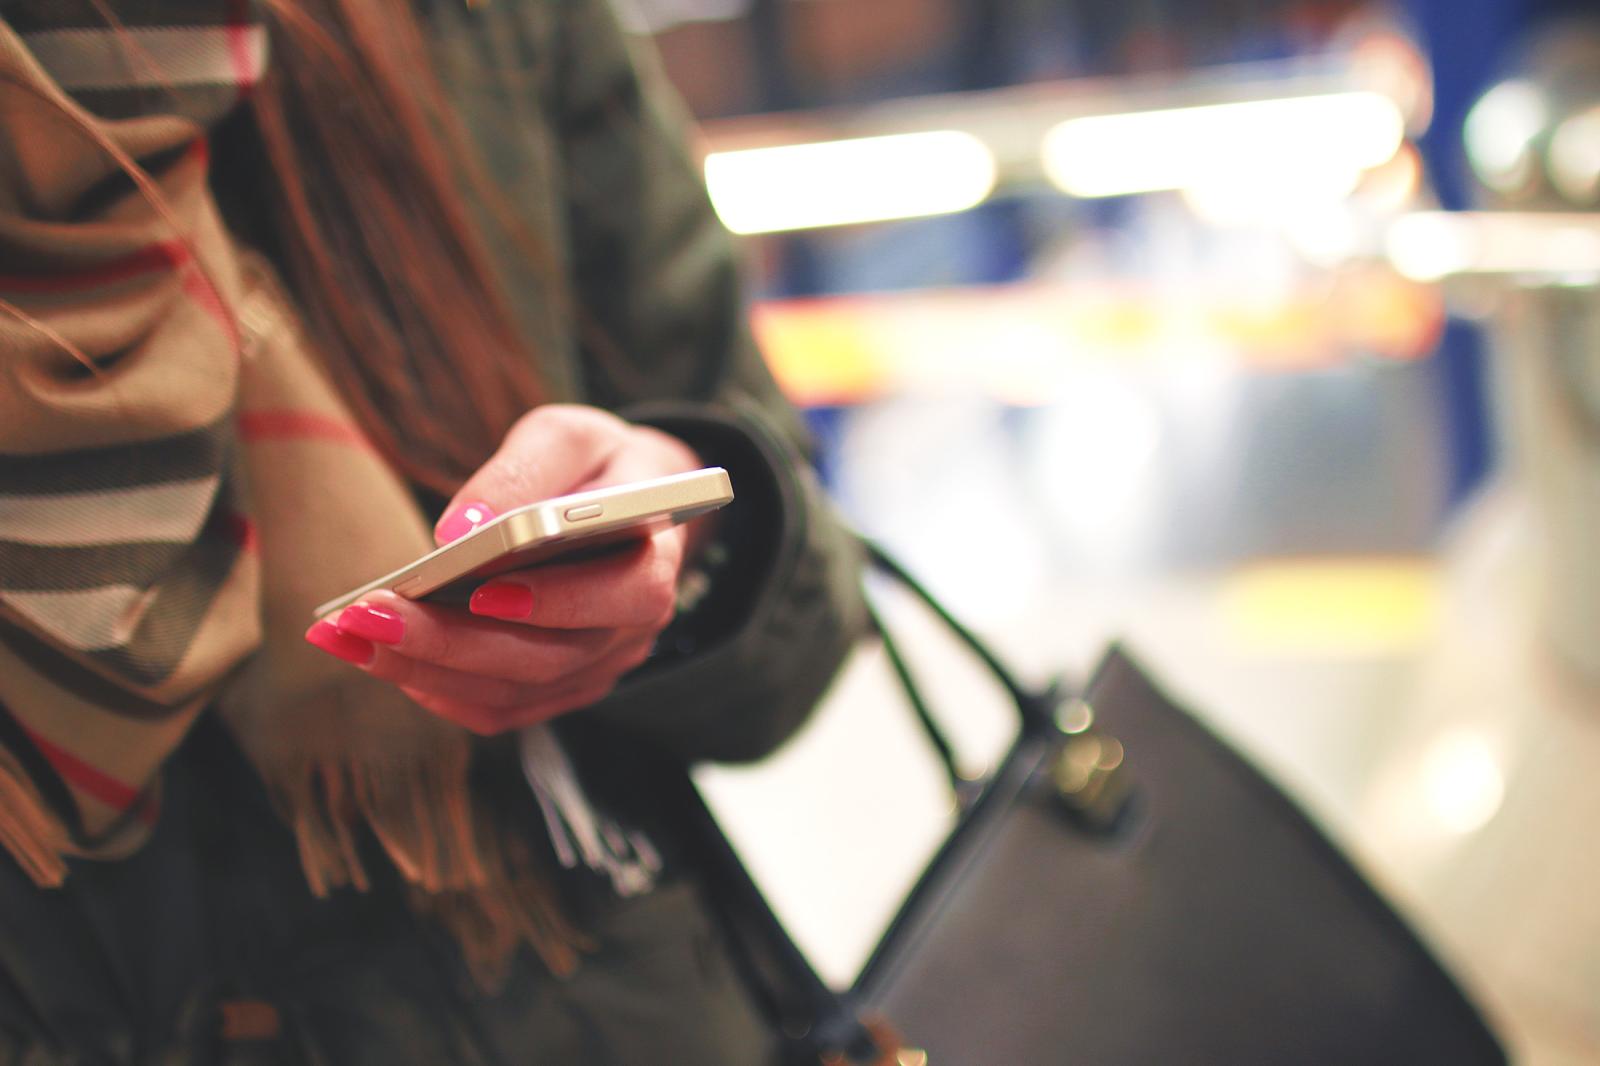 Cua nhau bằng tin nhắn: Tưởng không dễ mà lại dễ không tưởng - Ảnh 2.